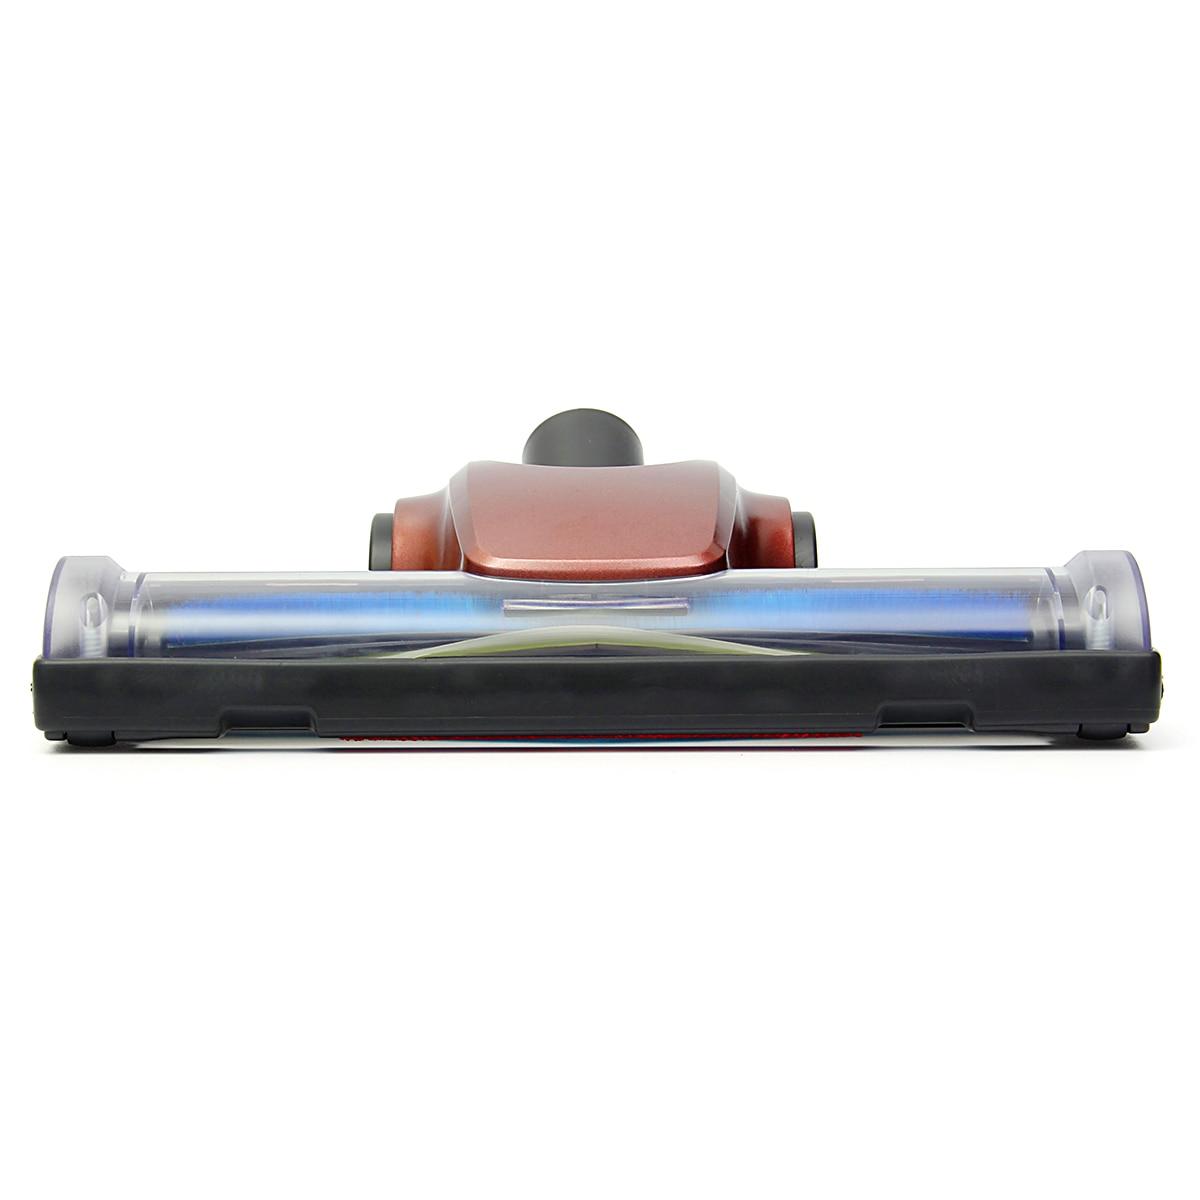 Маленького размера, круглой формы с диаметром 32 мм Универсальный щётка для пылесоса для мытья пола головной воздушный привод вакуумный